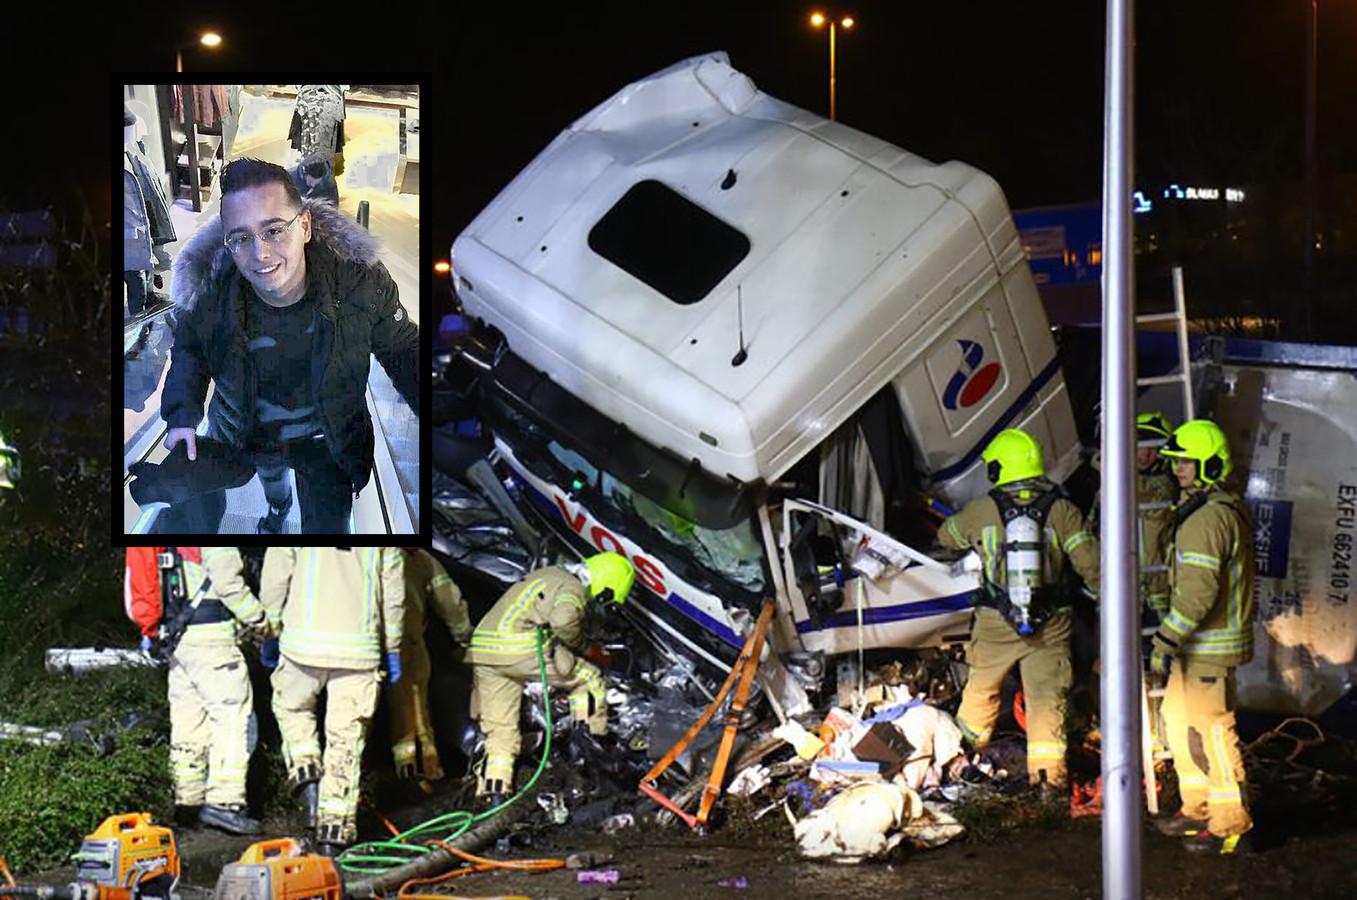 De bestuurder van de Opel, de 21-jarige Berhan Yarali, kwam bij het ongeluk om het leven.